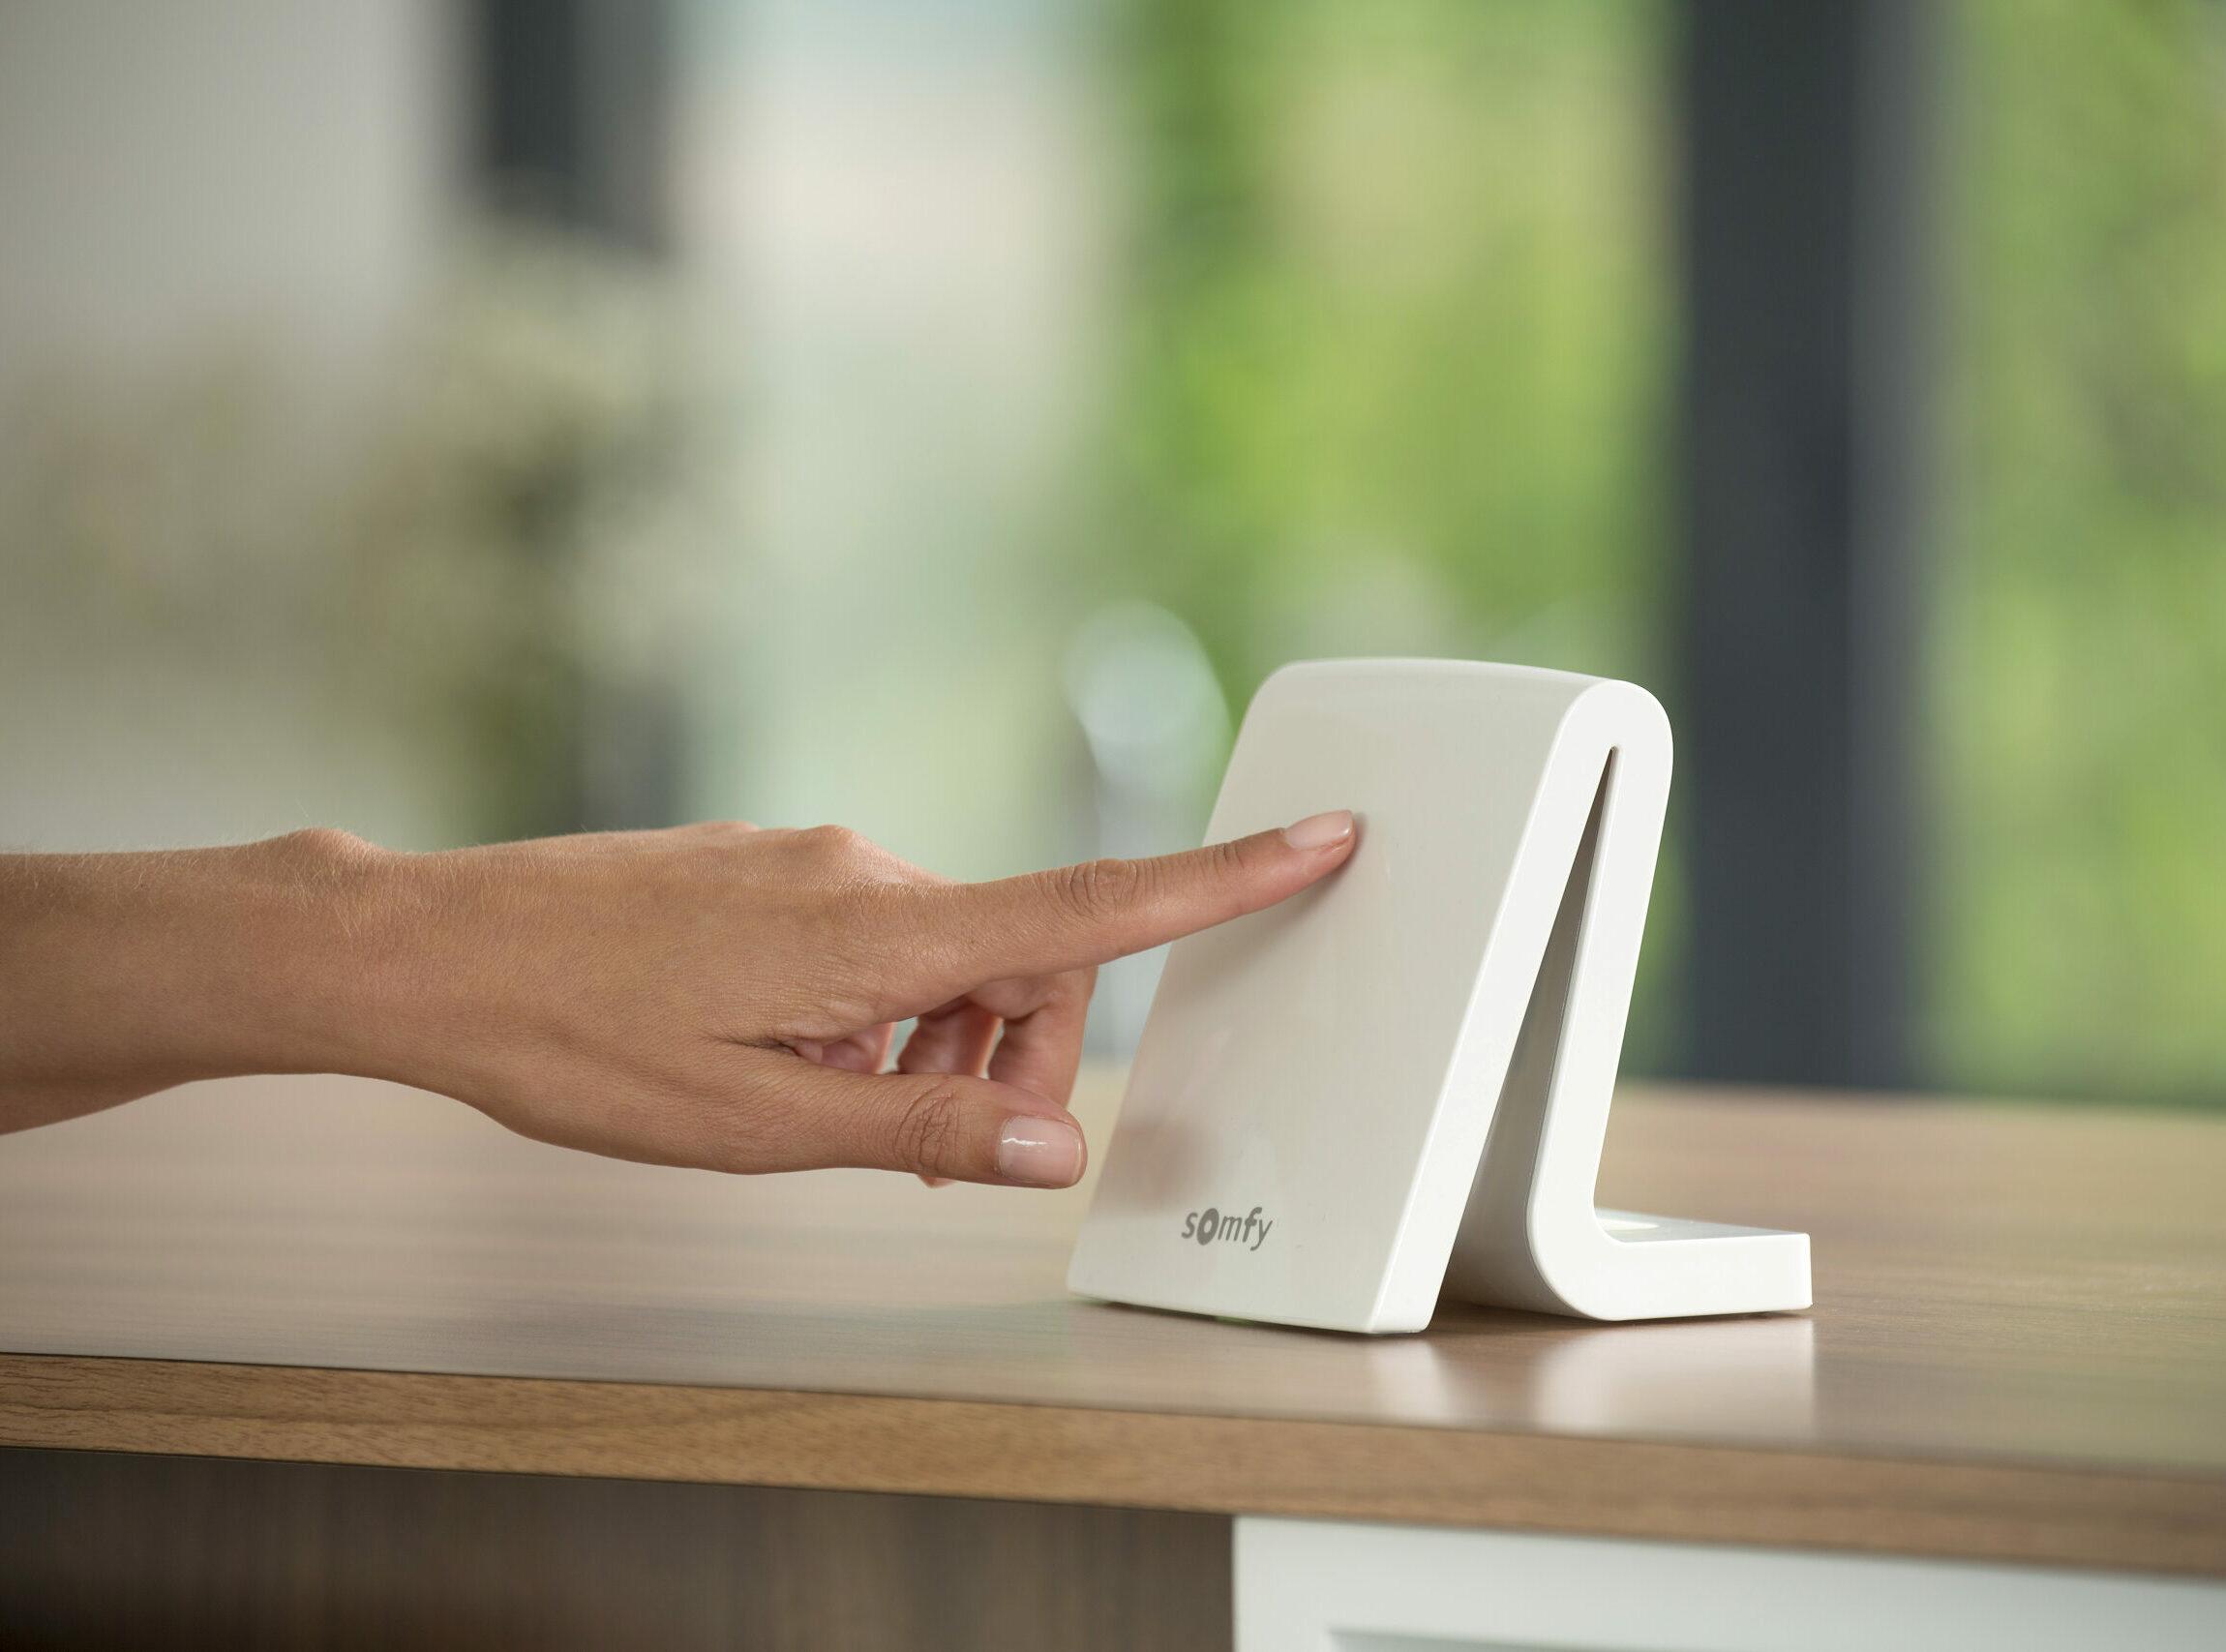 Toujours connecté avec ToHoma Smart Home